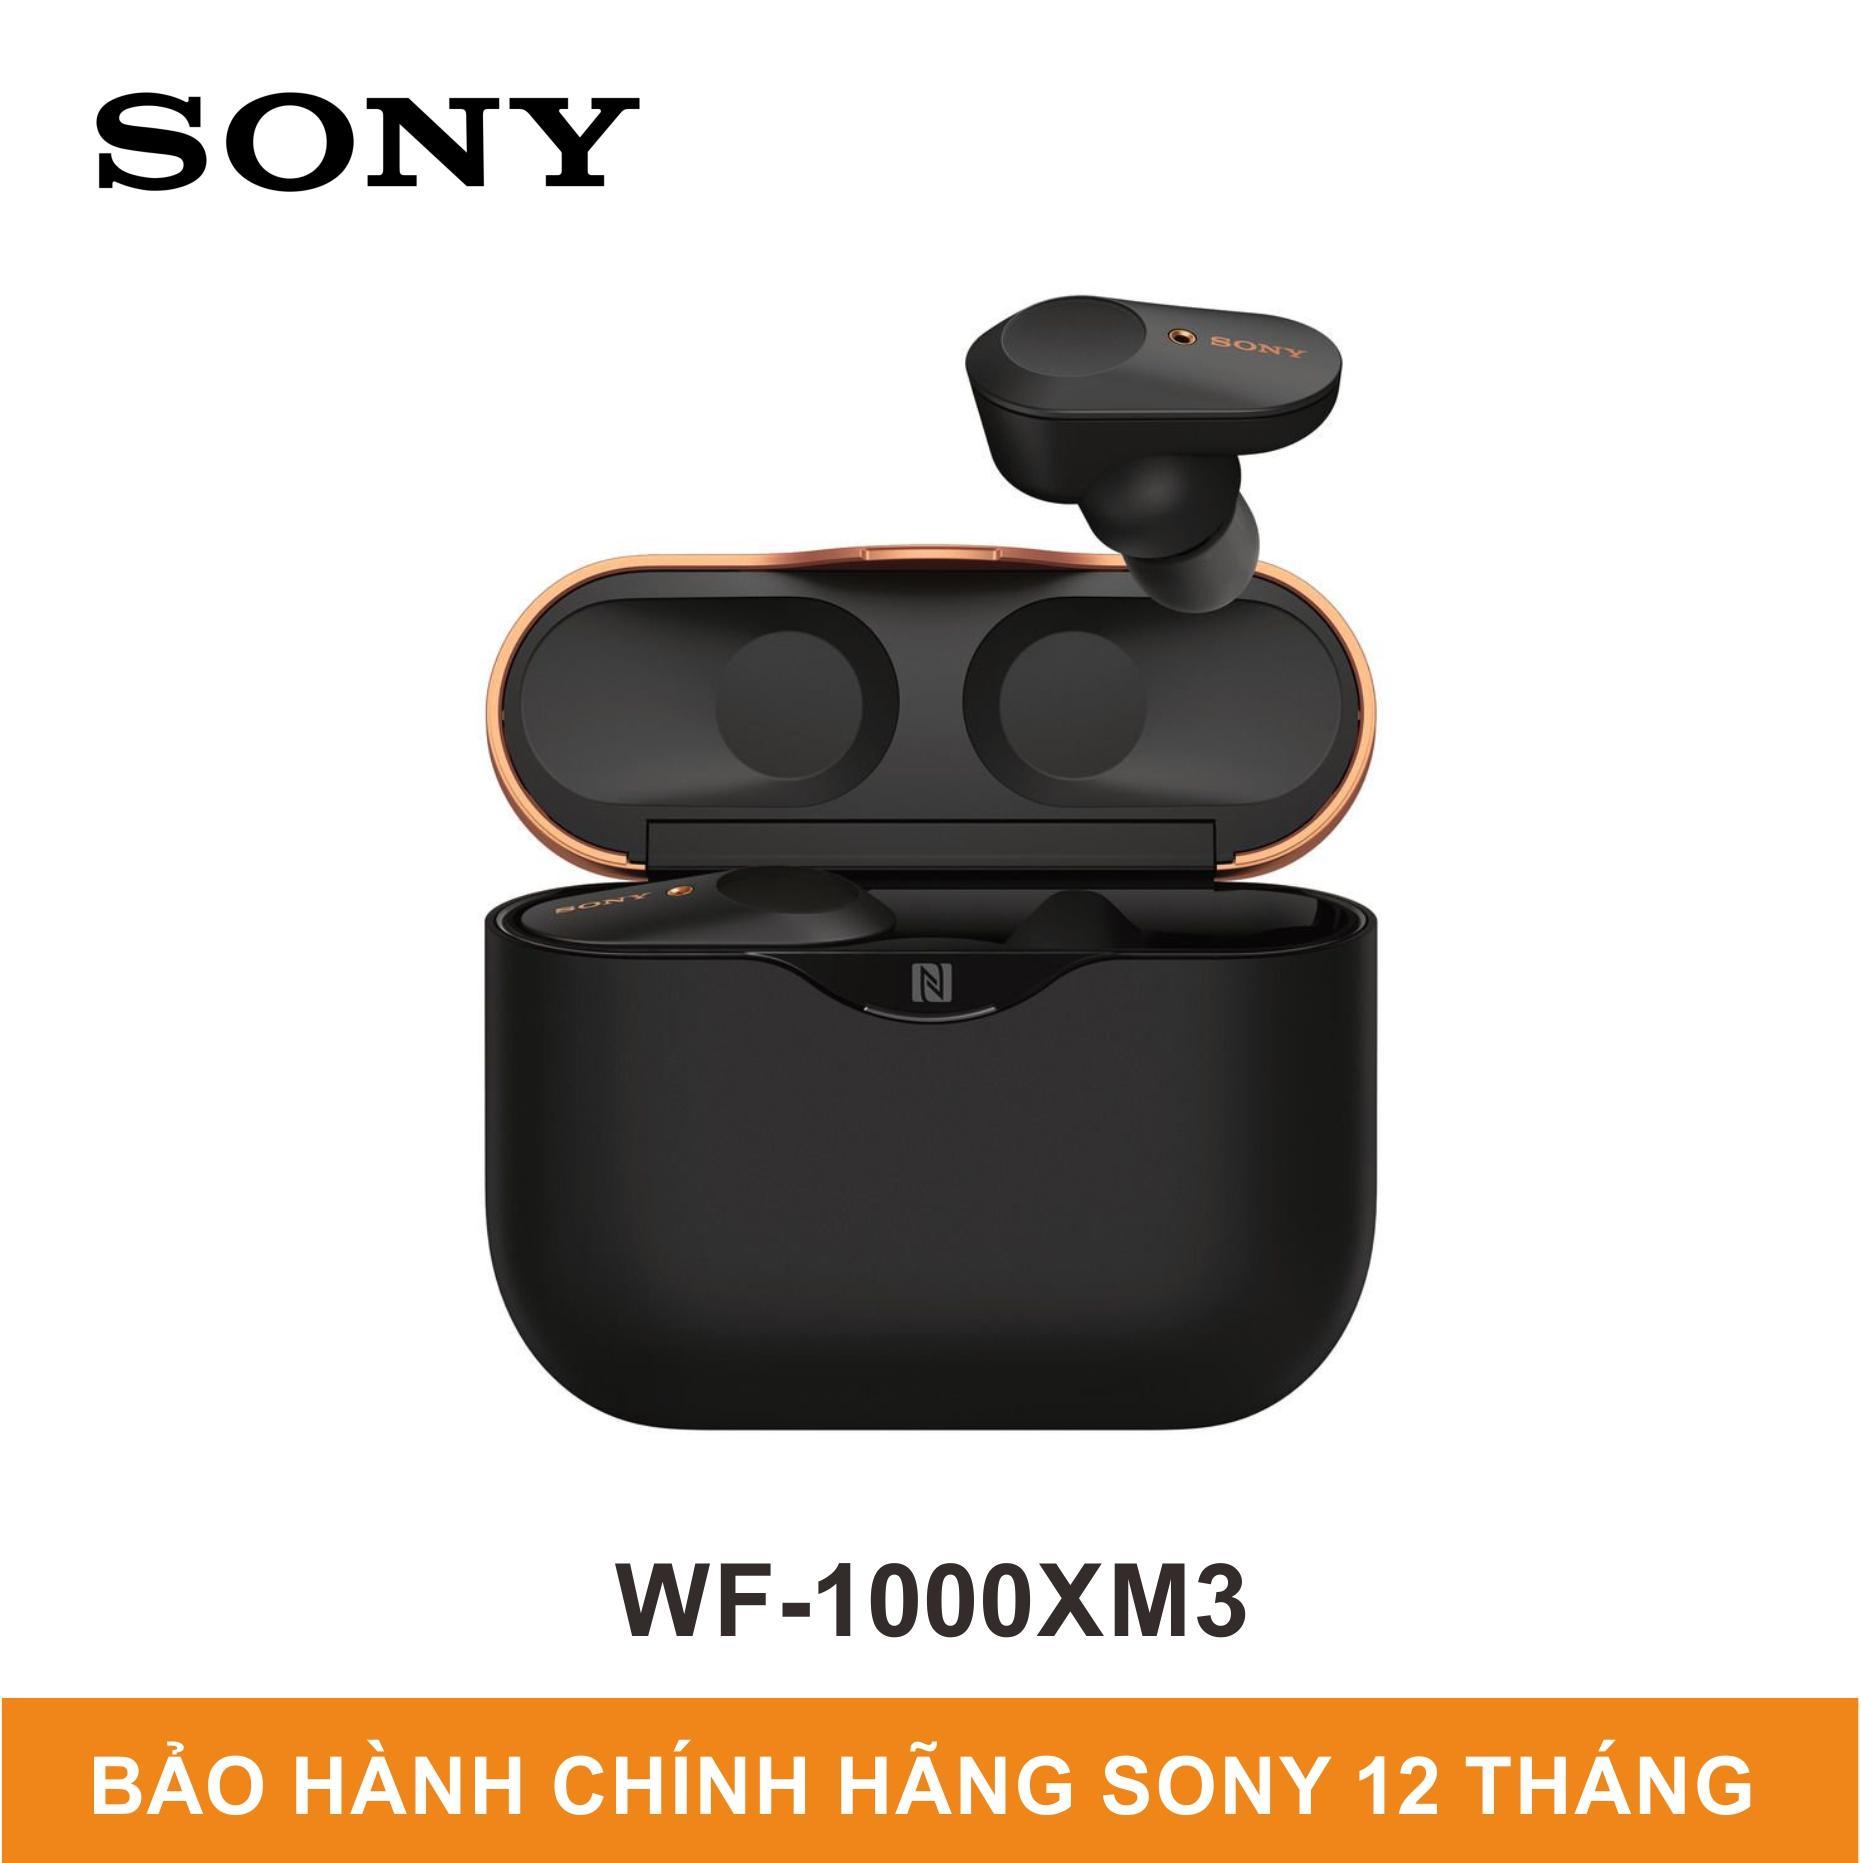 Tai Nghe Không Dây Có Công Nghệ Chống ồn Sony WF-1000XM3 - Hãng Phân Phối Chính Thức Bất Ngờ Ưu Đãi Giá